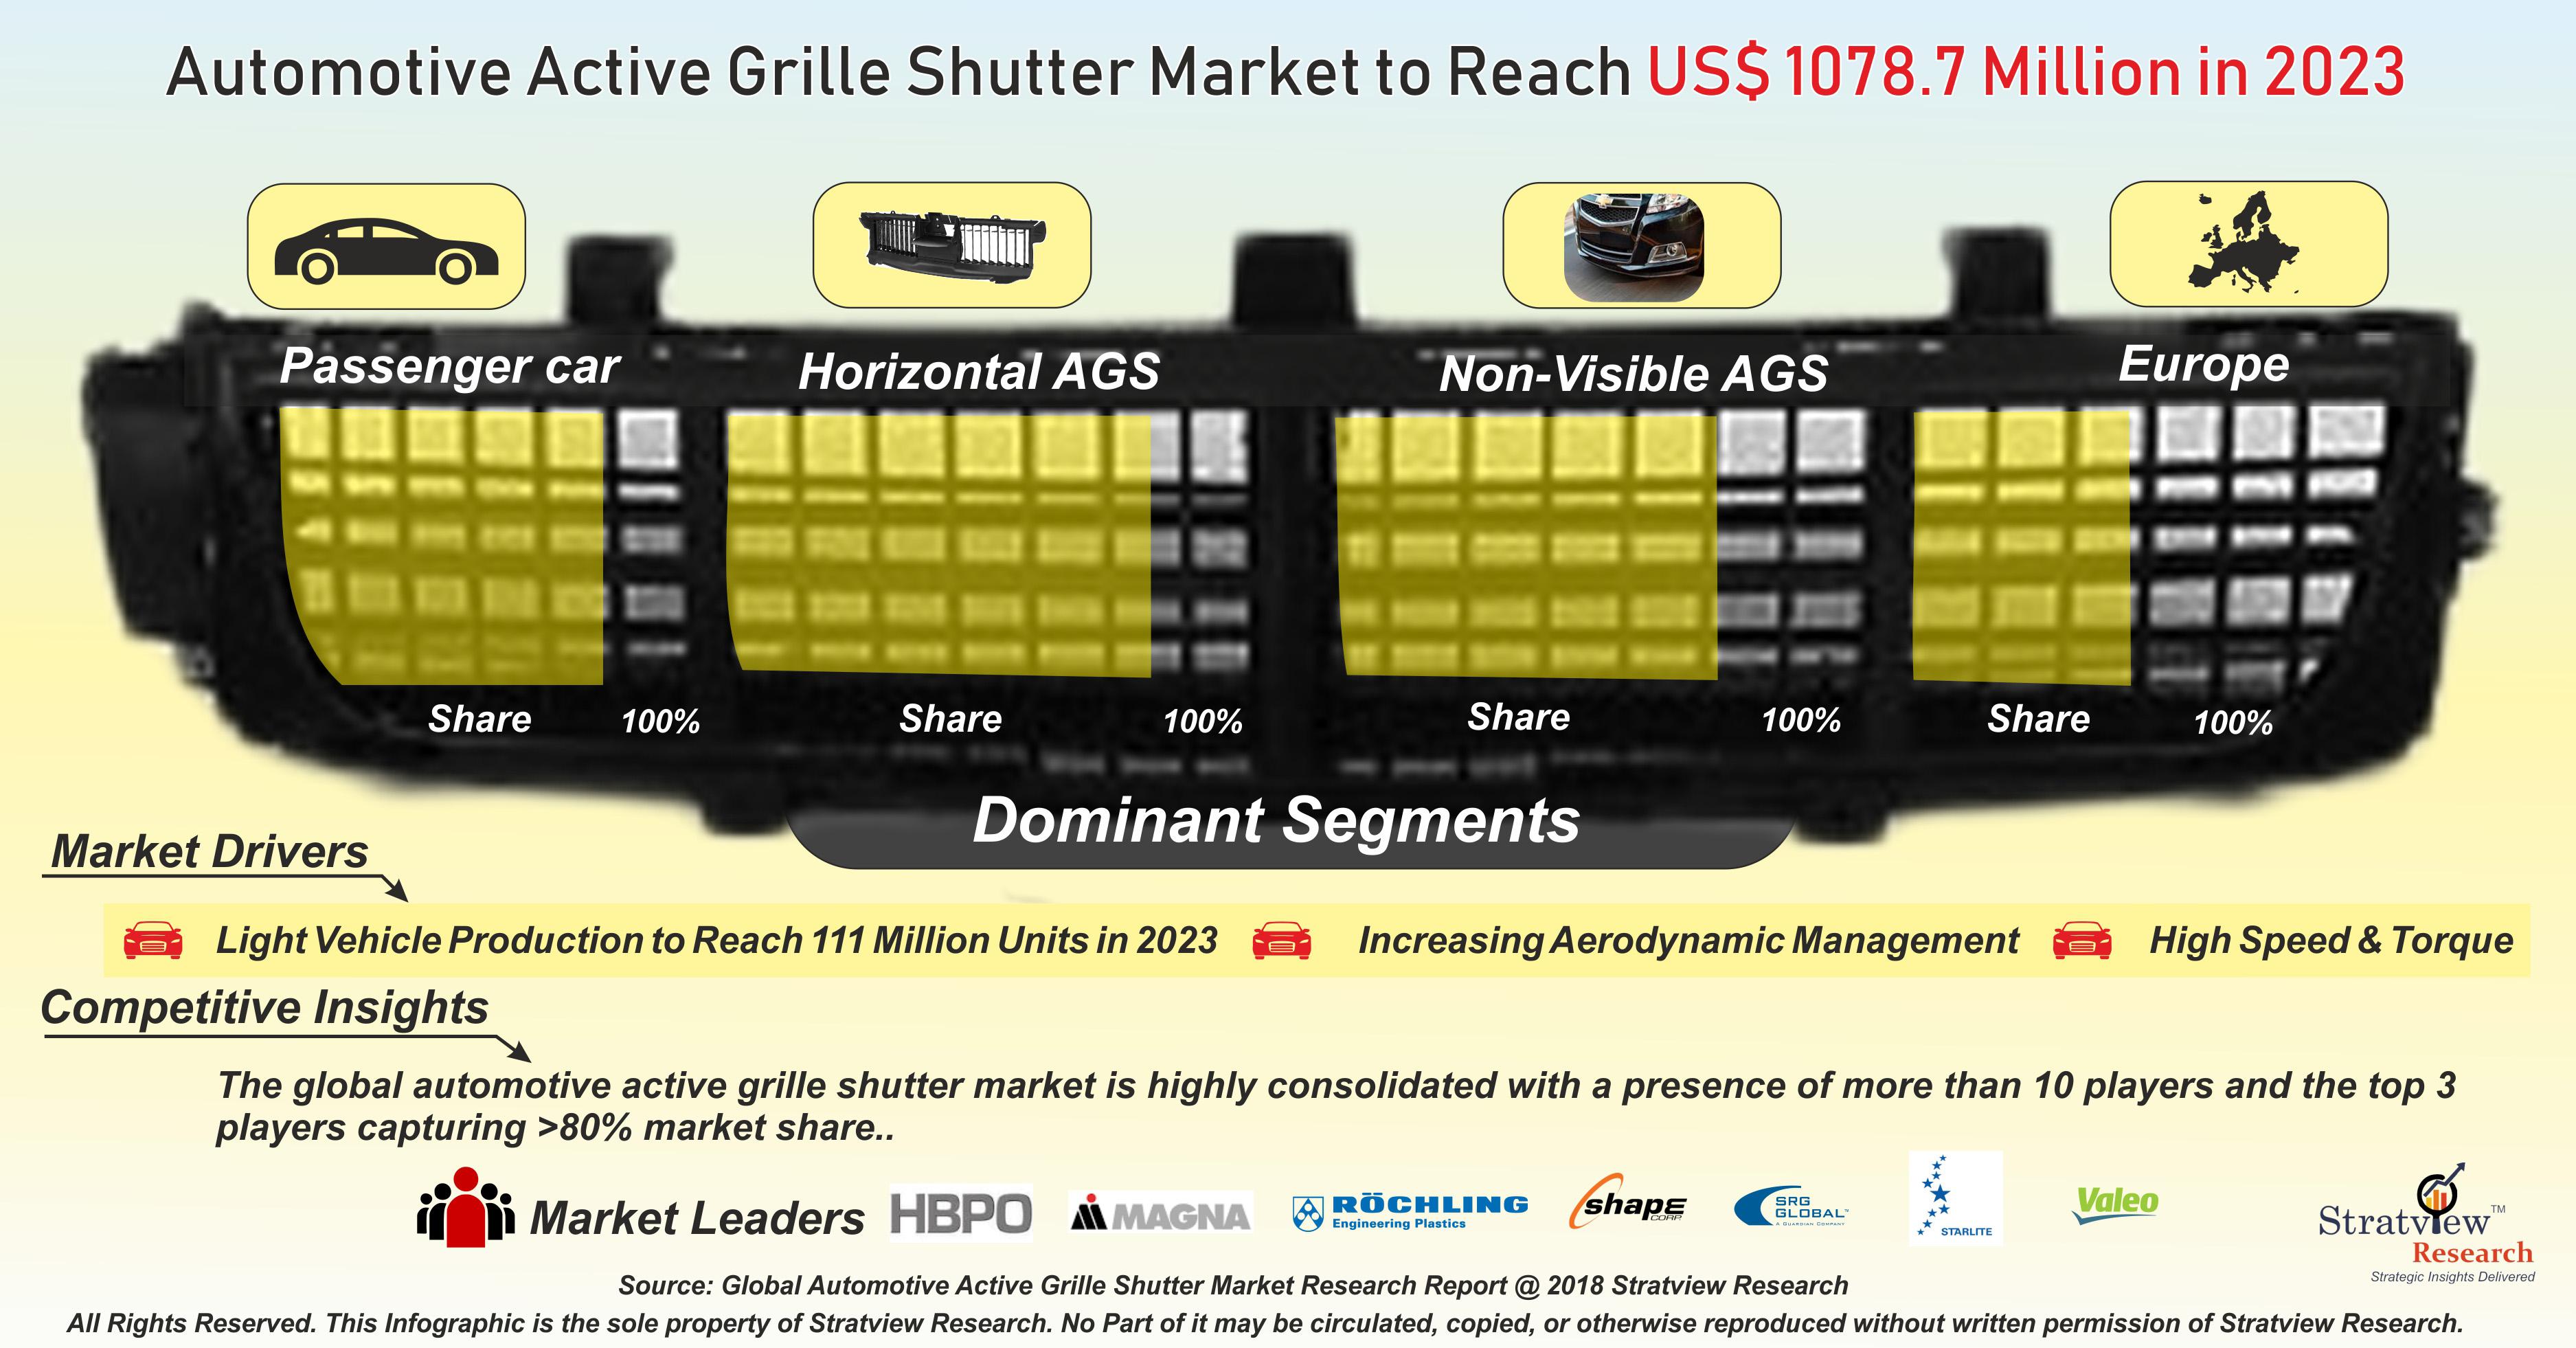 Automotive Active Grille Shutter Market